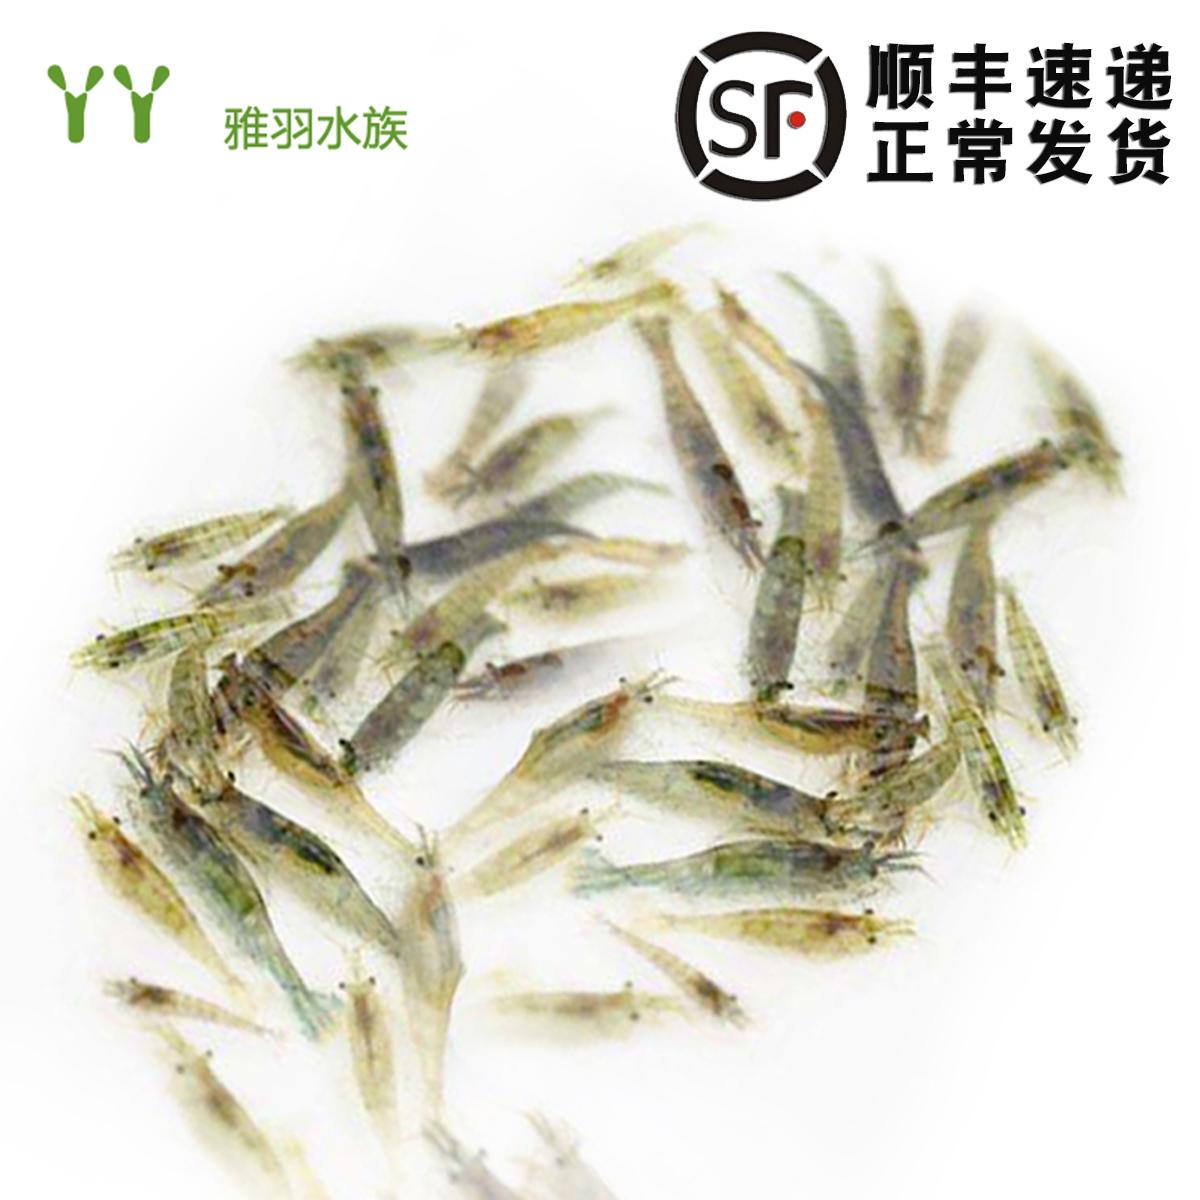 除藻黑壳虾淡水活体宠物清洁水草